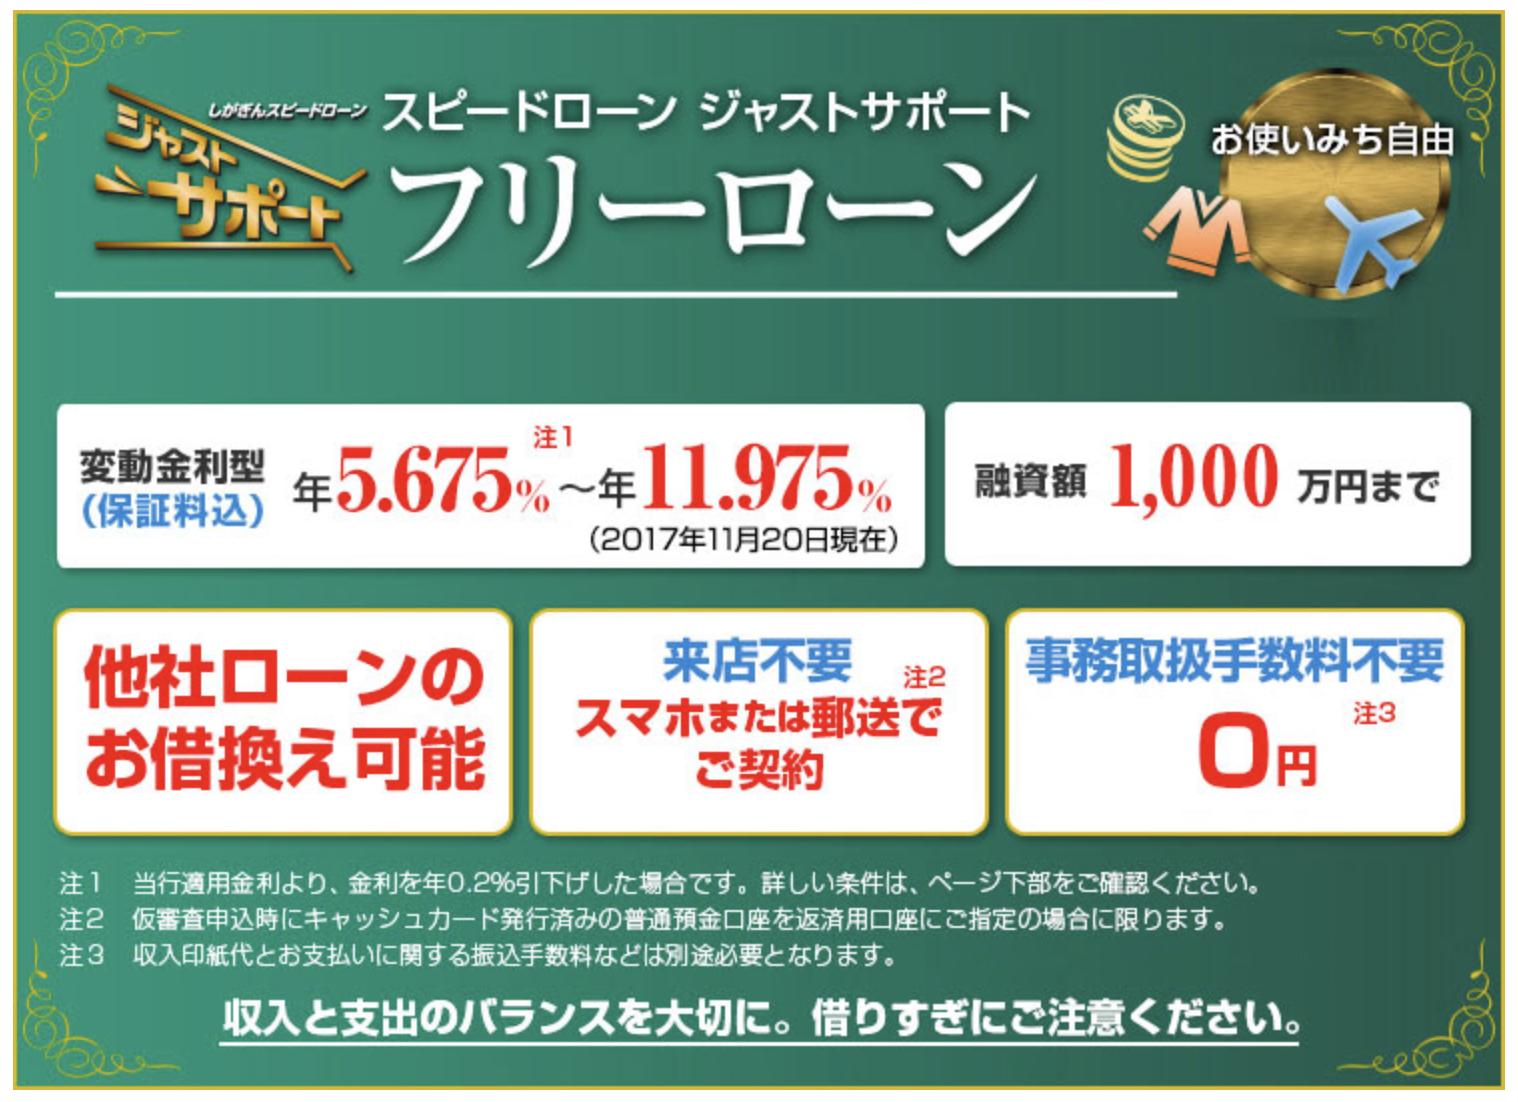 滋賀銀行のフリーローン(スピードローン ジャストサポート)